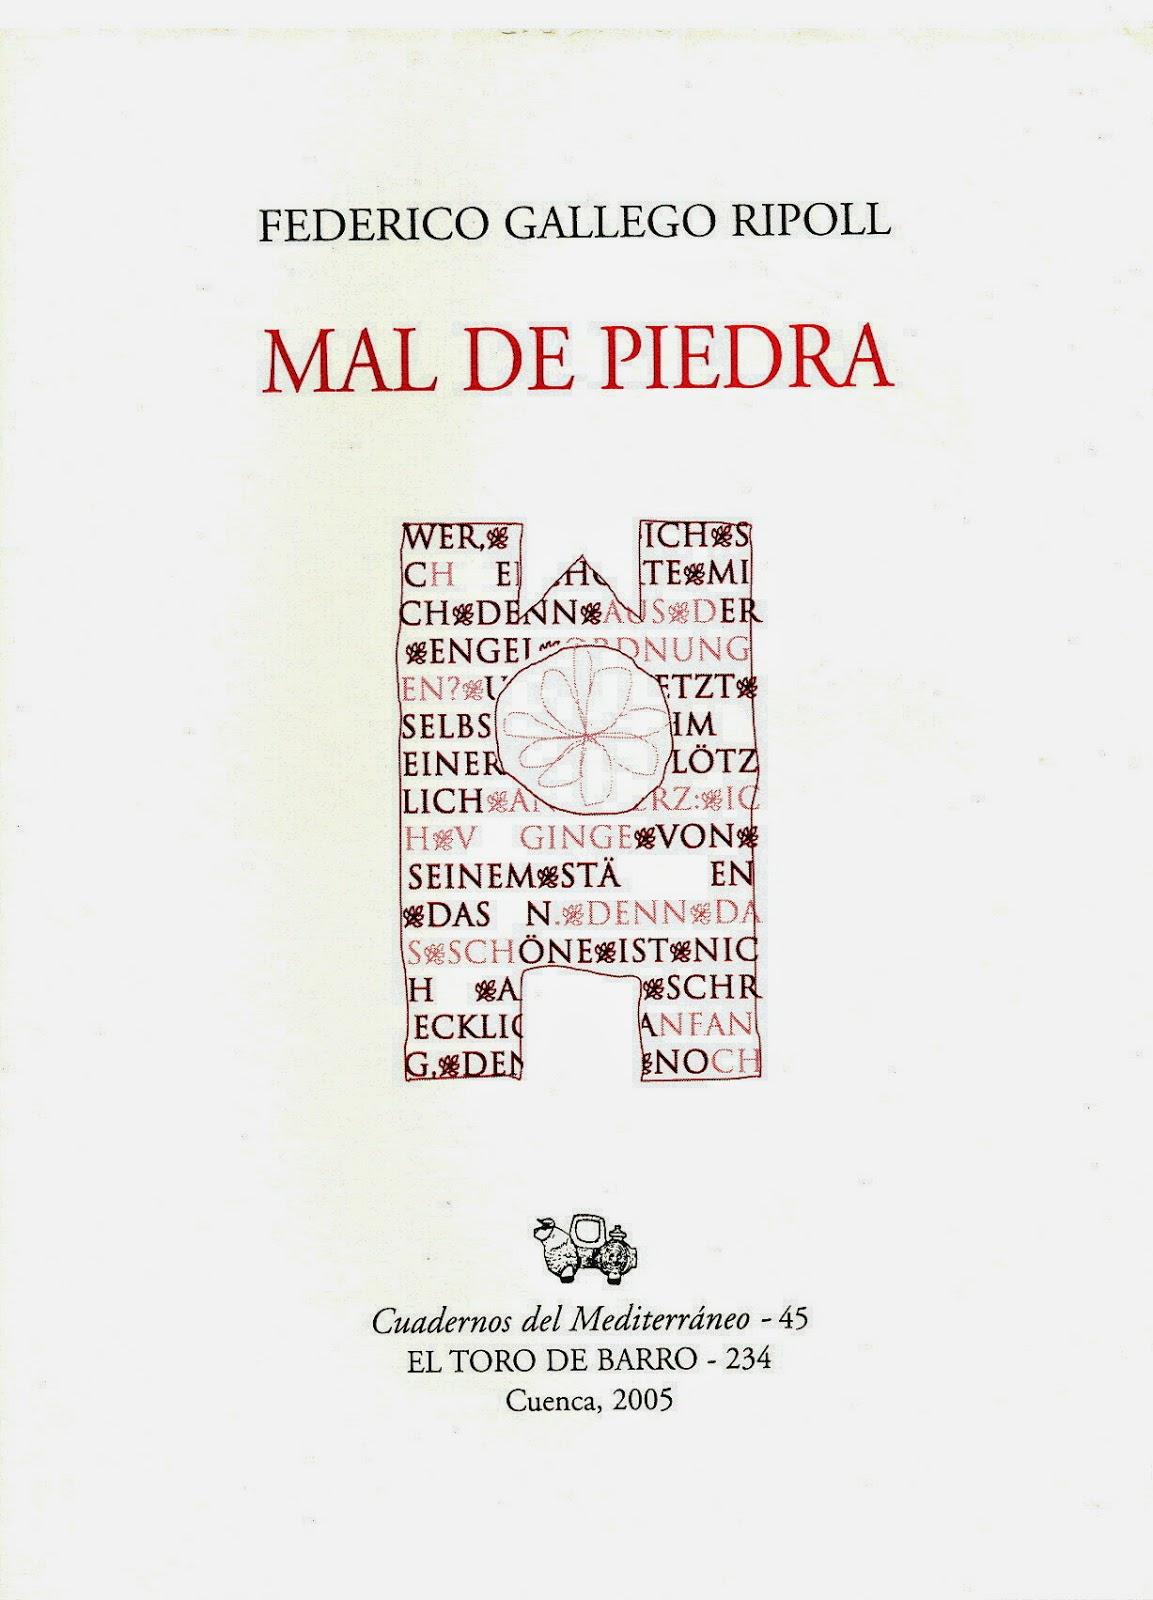 """Federico Gallego Ripoll, """"Mal de piedra"""", Col Cuadernos del Mediterráneo, Ed. El Toro de Barro, 2005."""